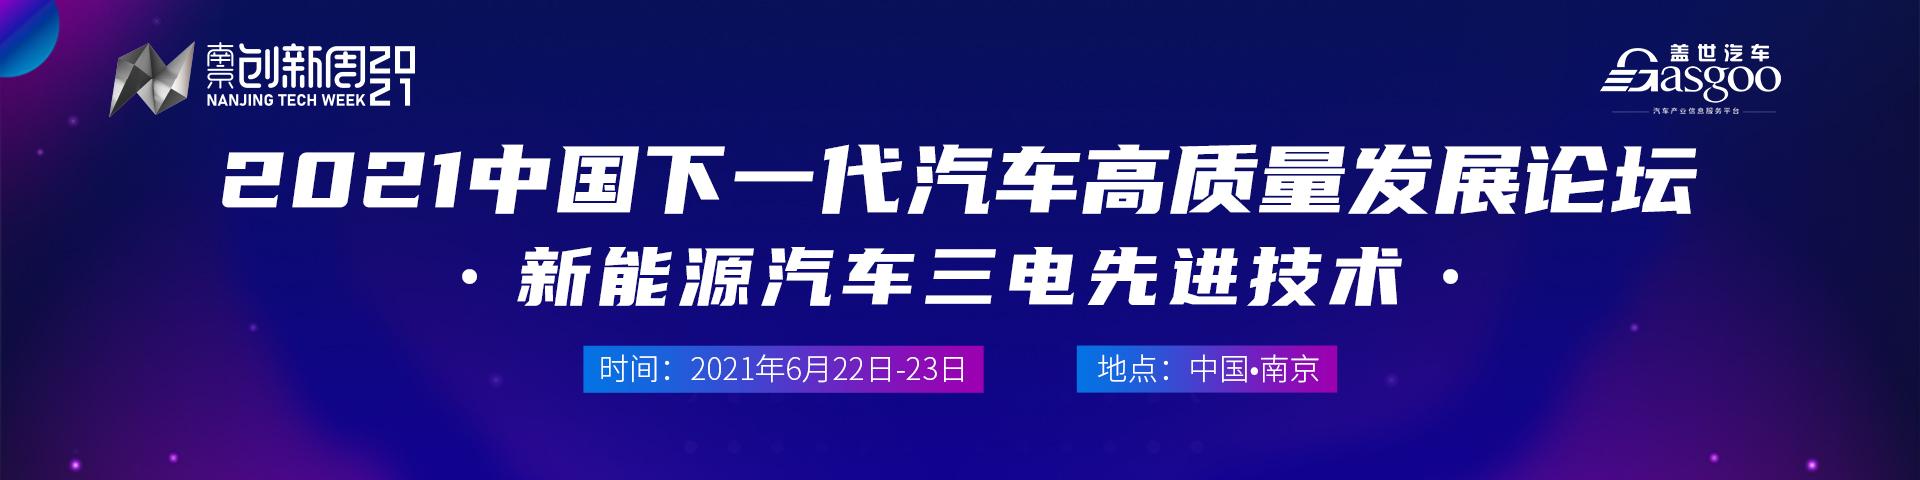 2021新能源汽车三电先进技术论坛